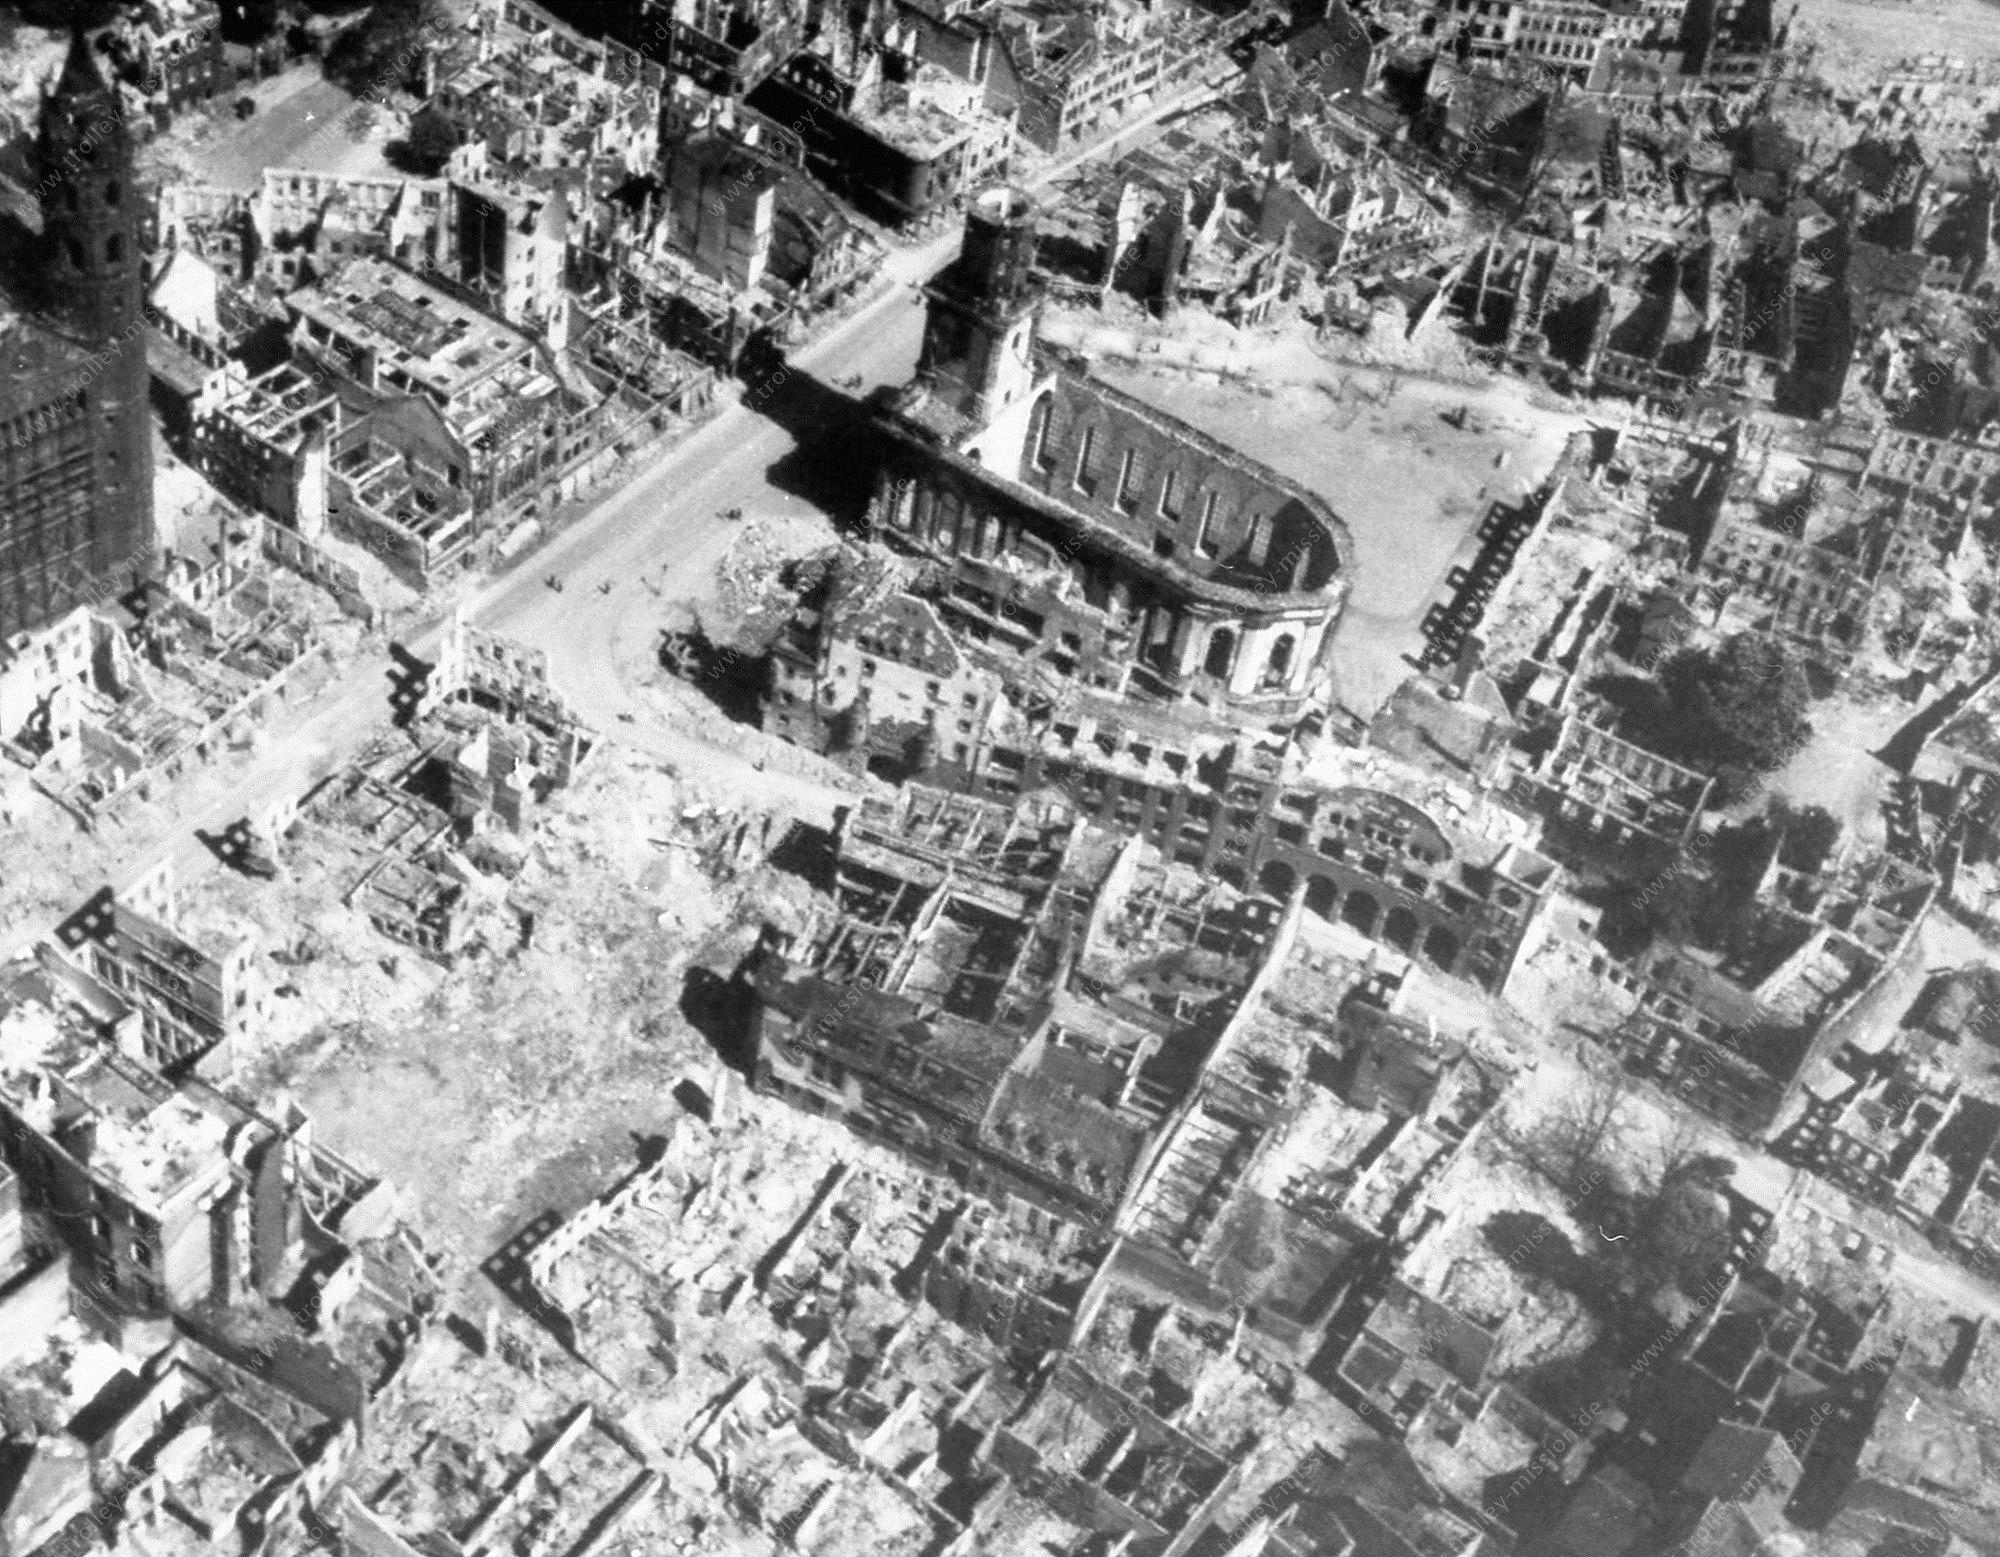 Worms Luftaufnahme nach dem Zweiten Weltkrieg Dom St. Peter und Dreifaltigkeitskirche